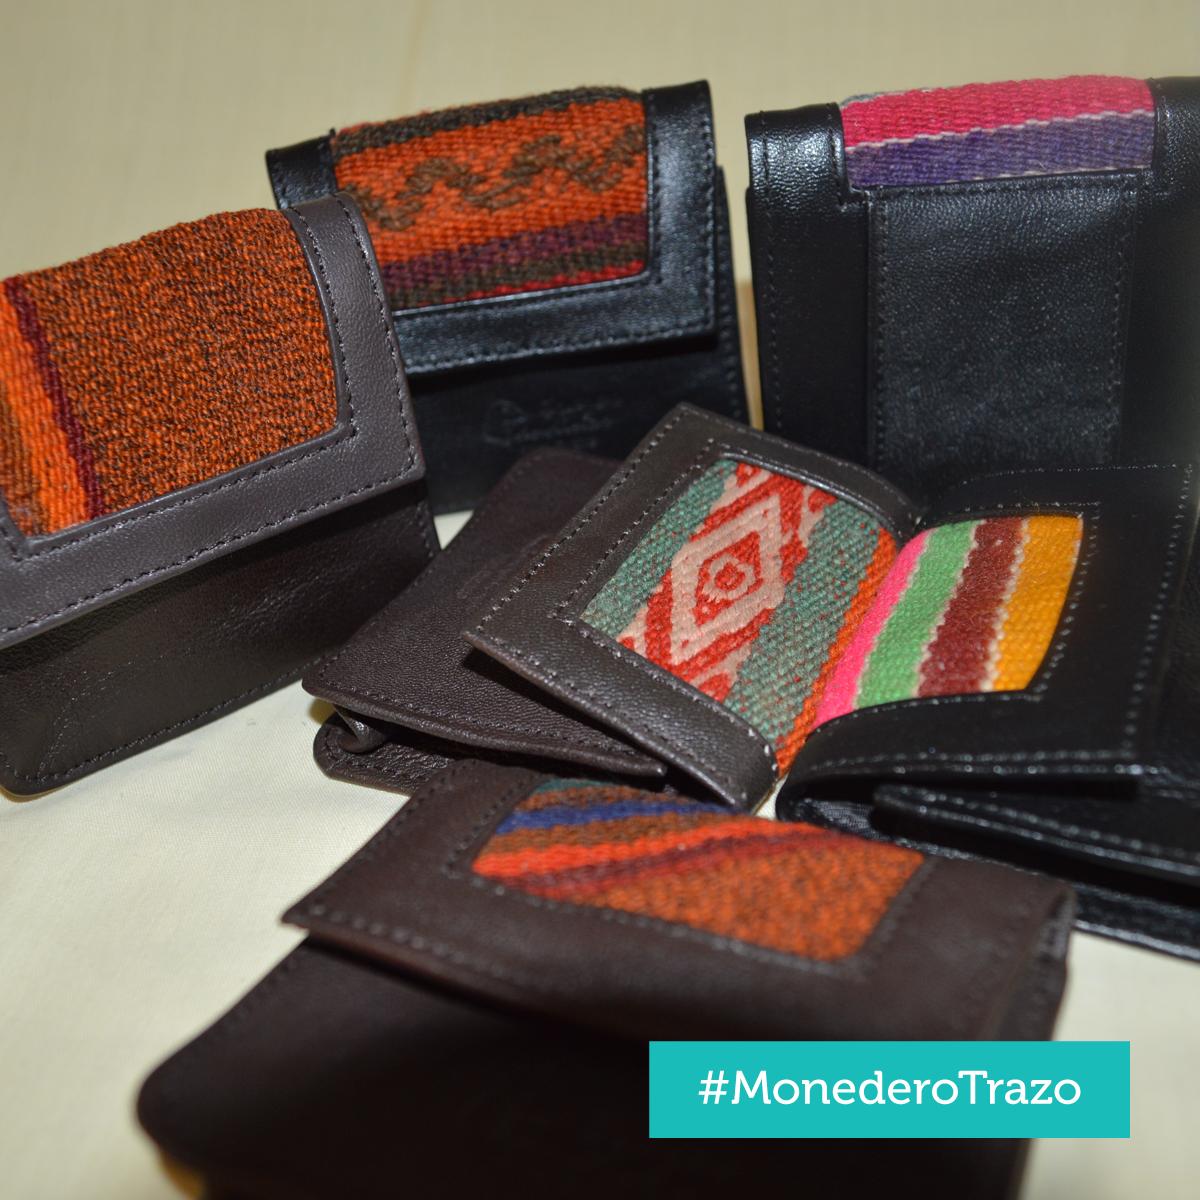 Monedero Trazo - Cuero con aplicaciones de manto andino